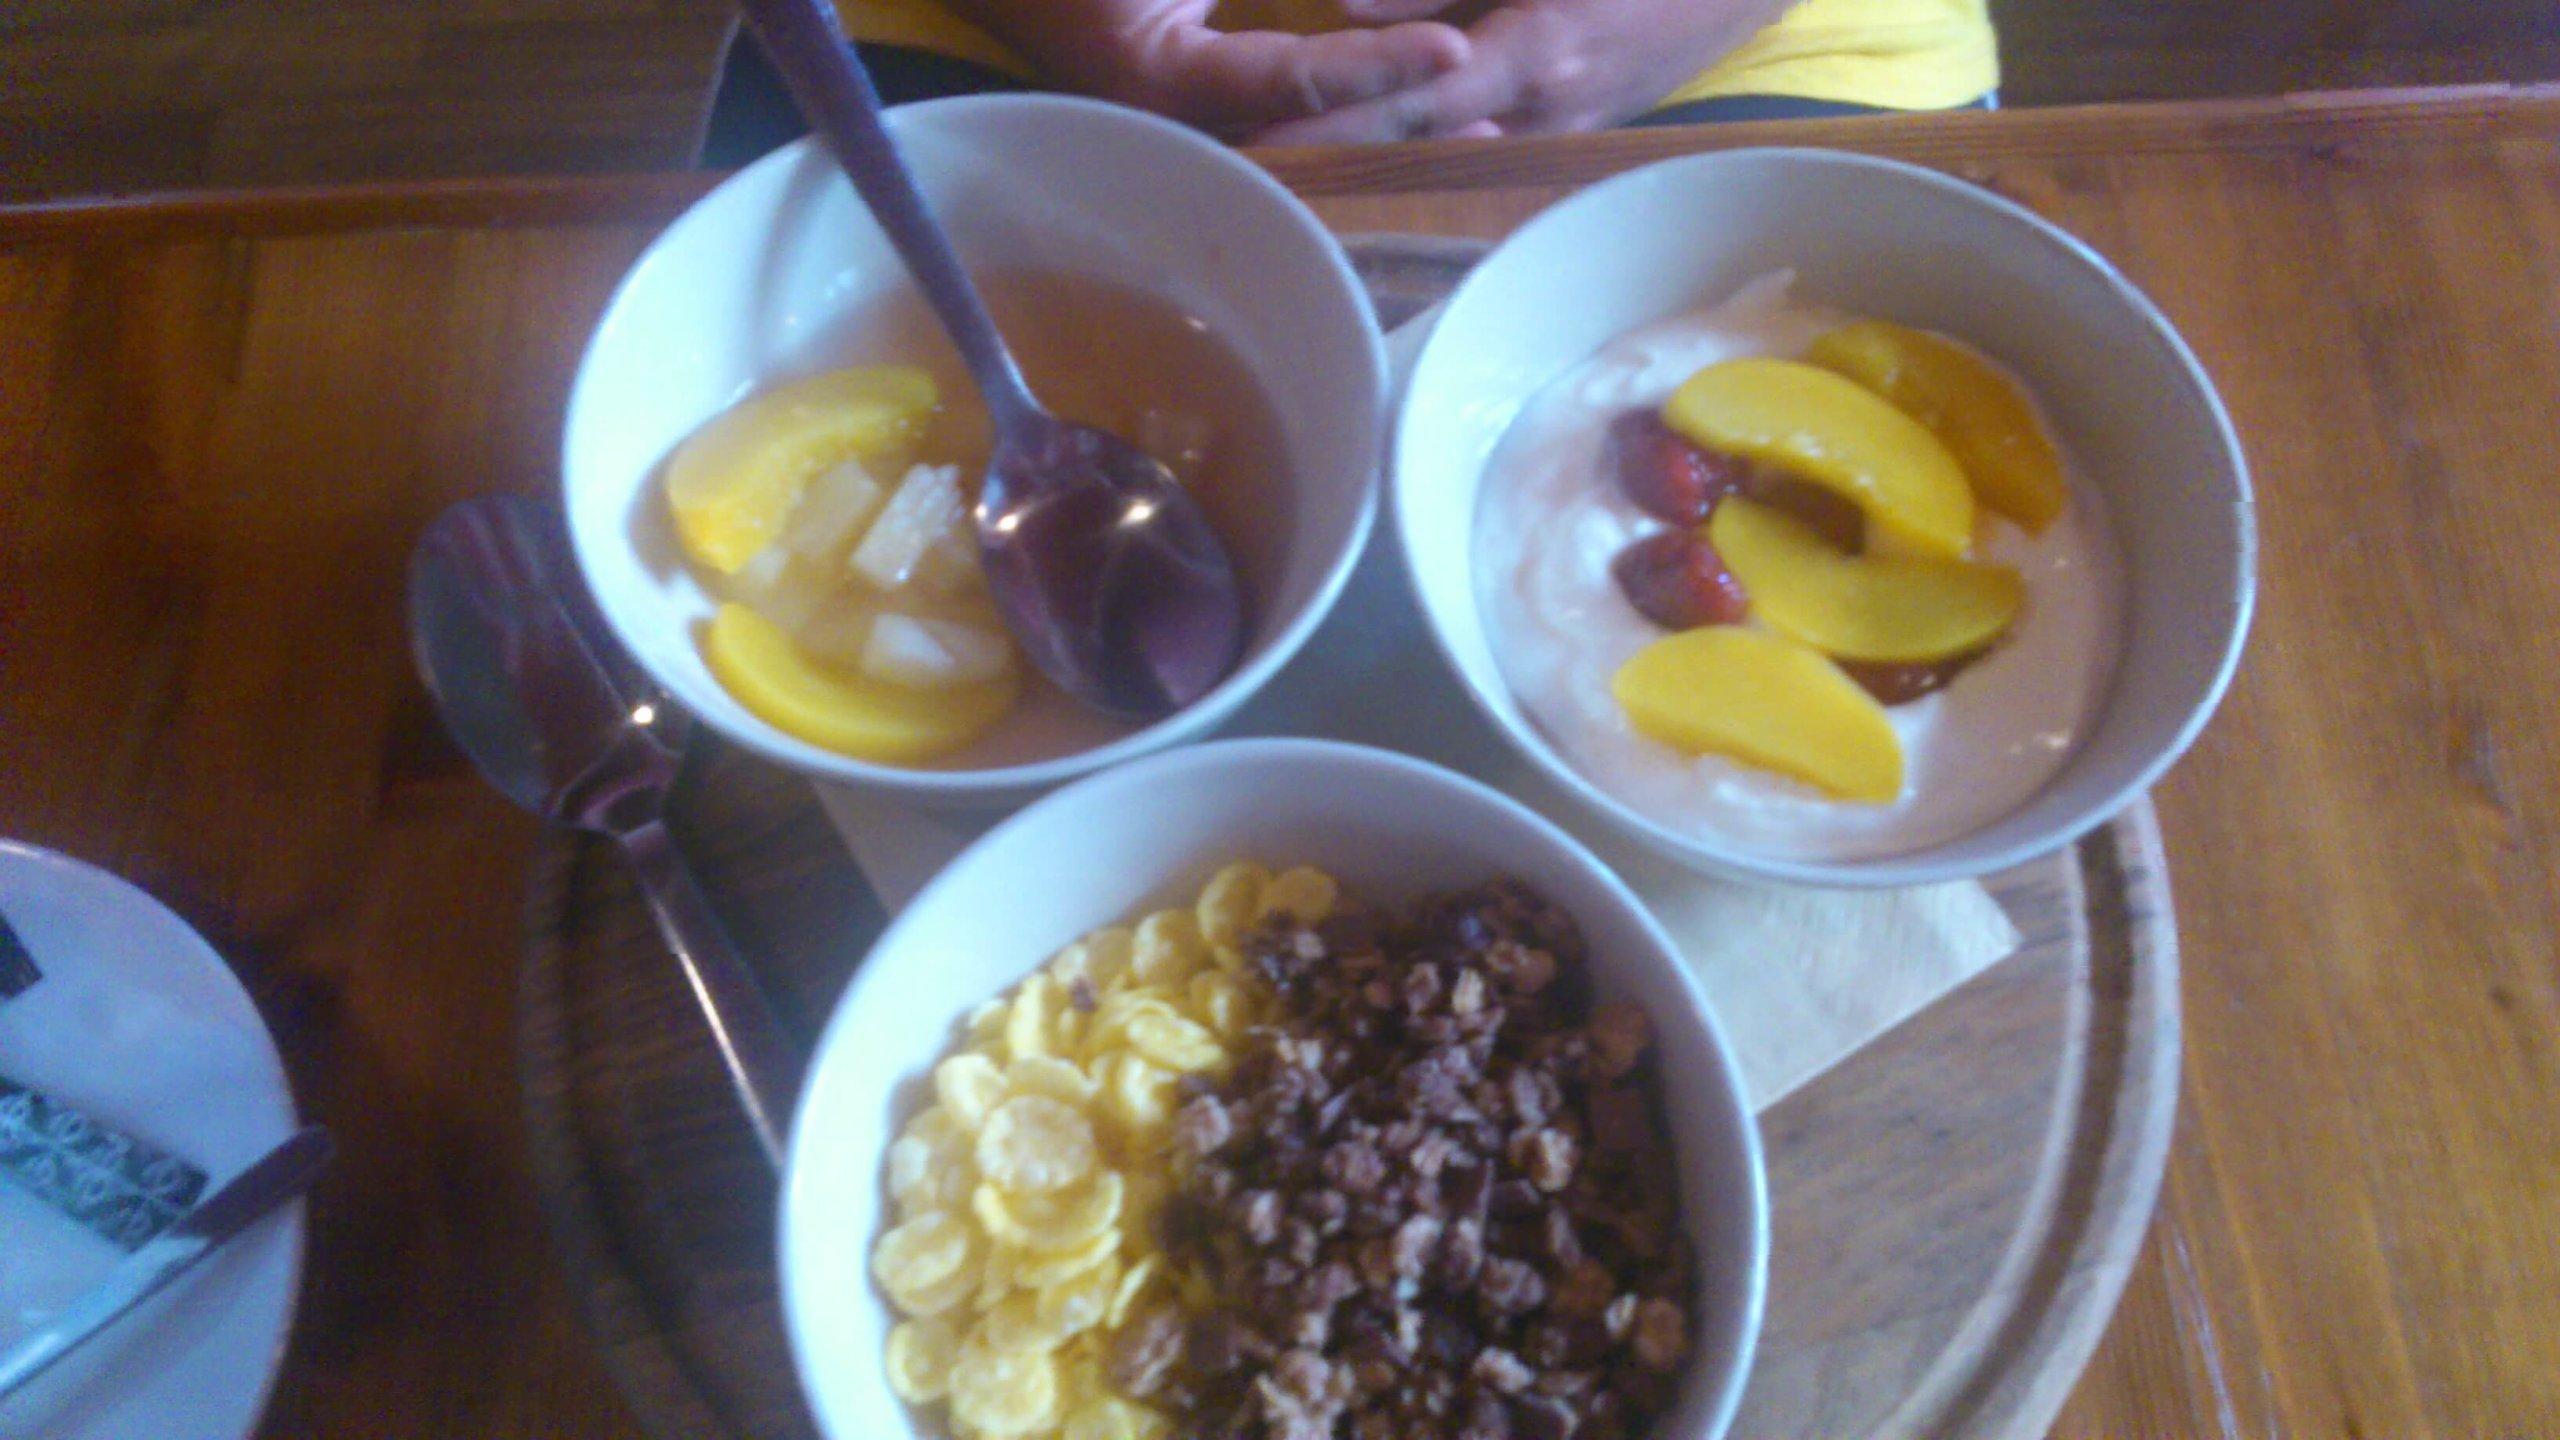 Ernährung | Müsli mit Obst (c) familienfreund.de